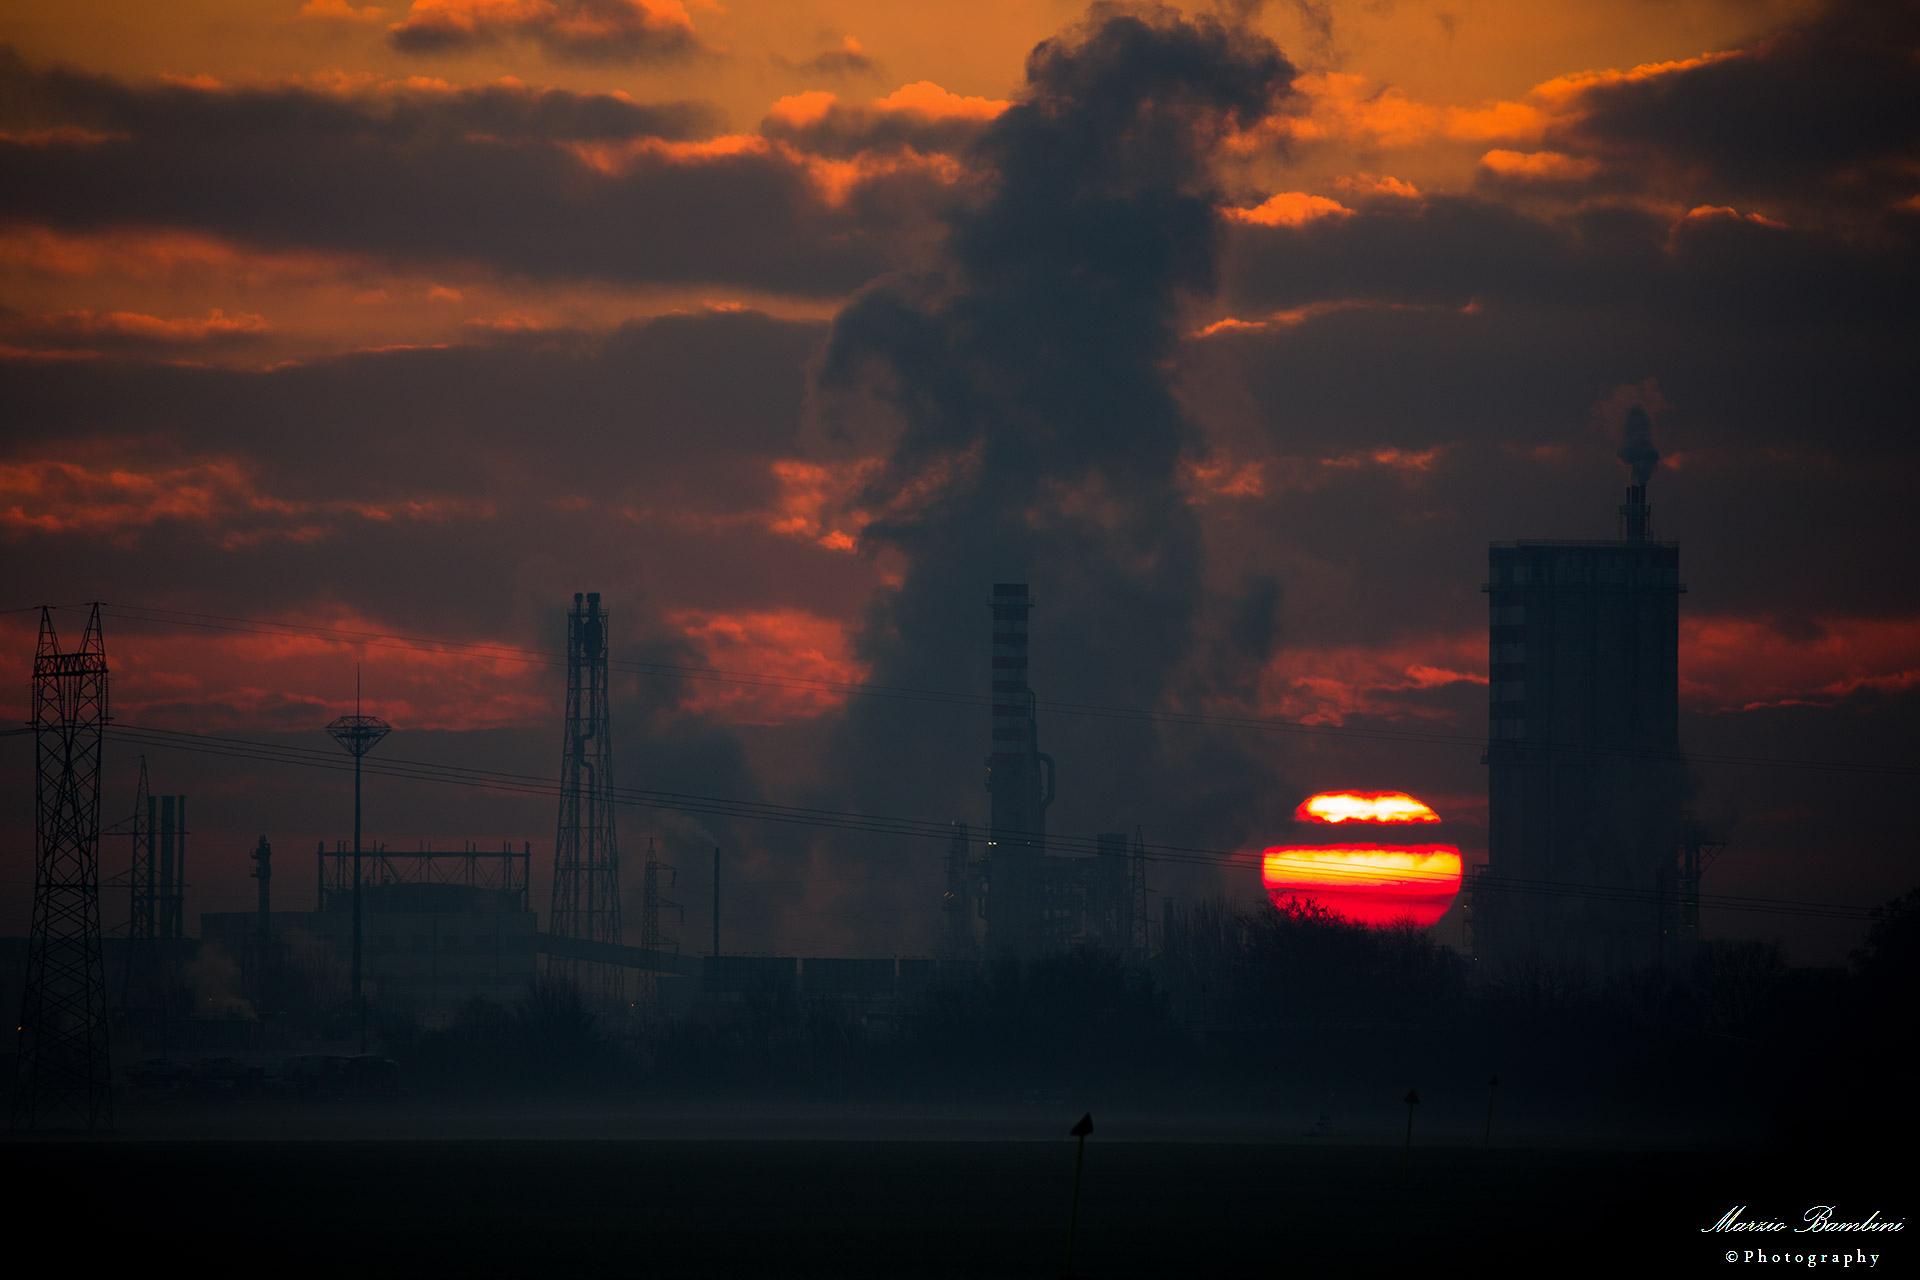 2018, Ferrara, petrochemical...